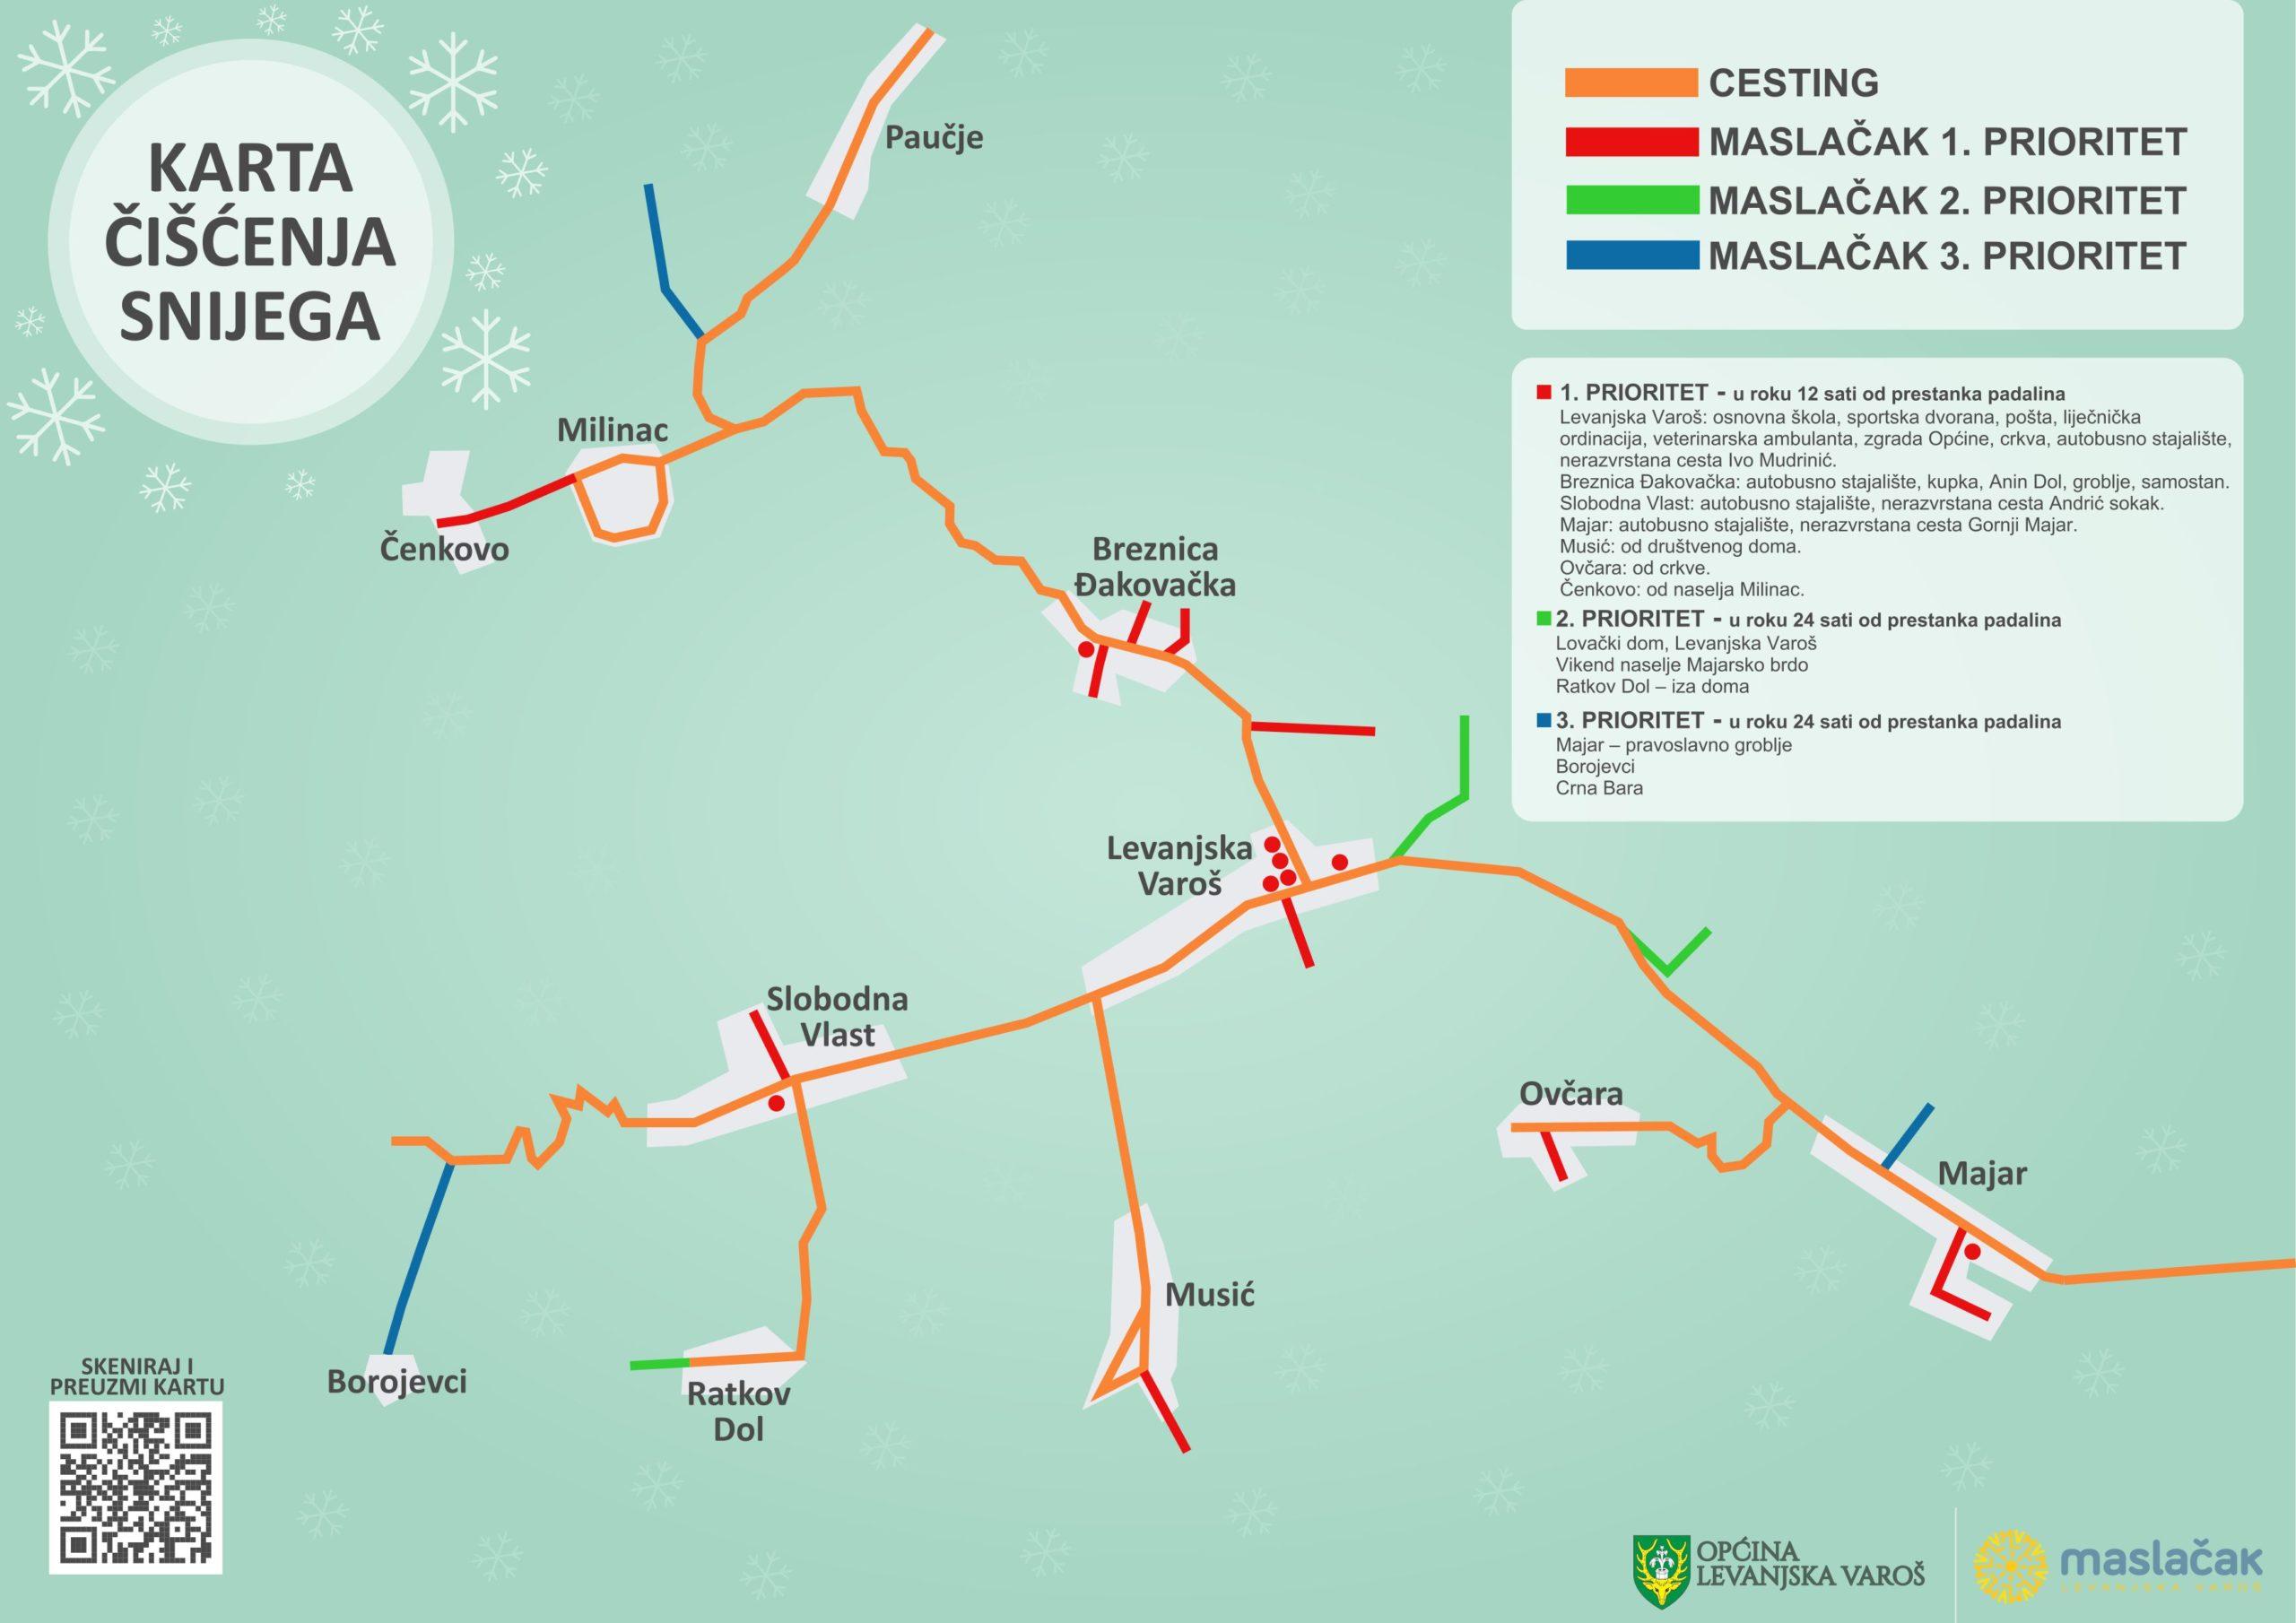 Karta čišćenja snijega - Općina Levanjska Varoš jpg